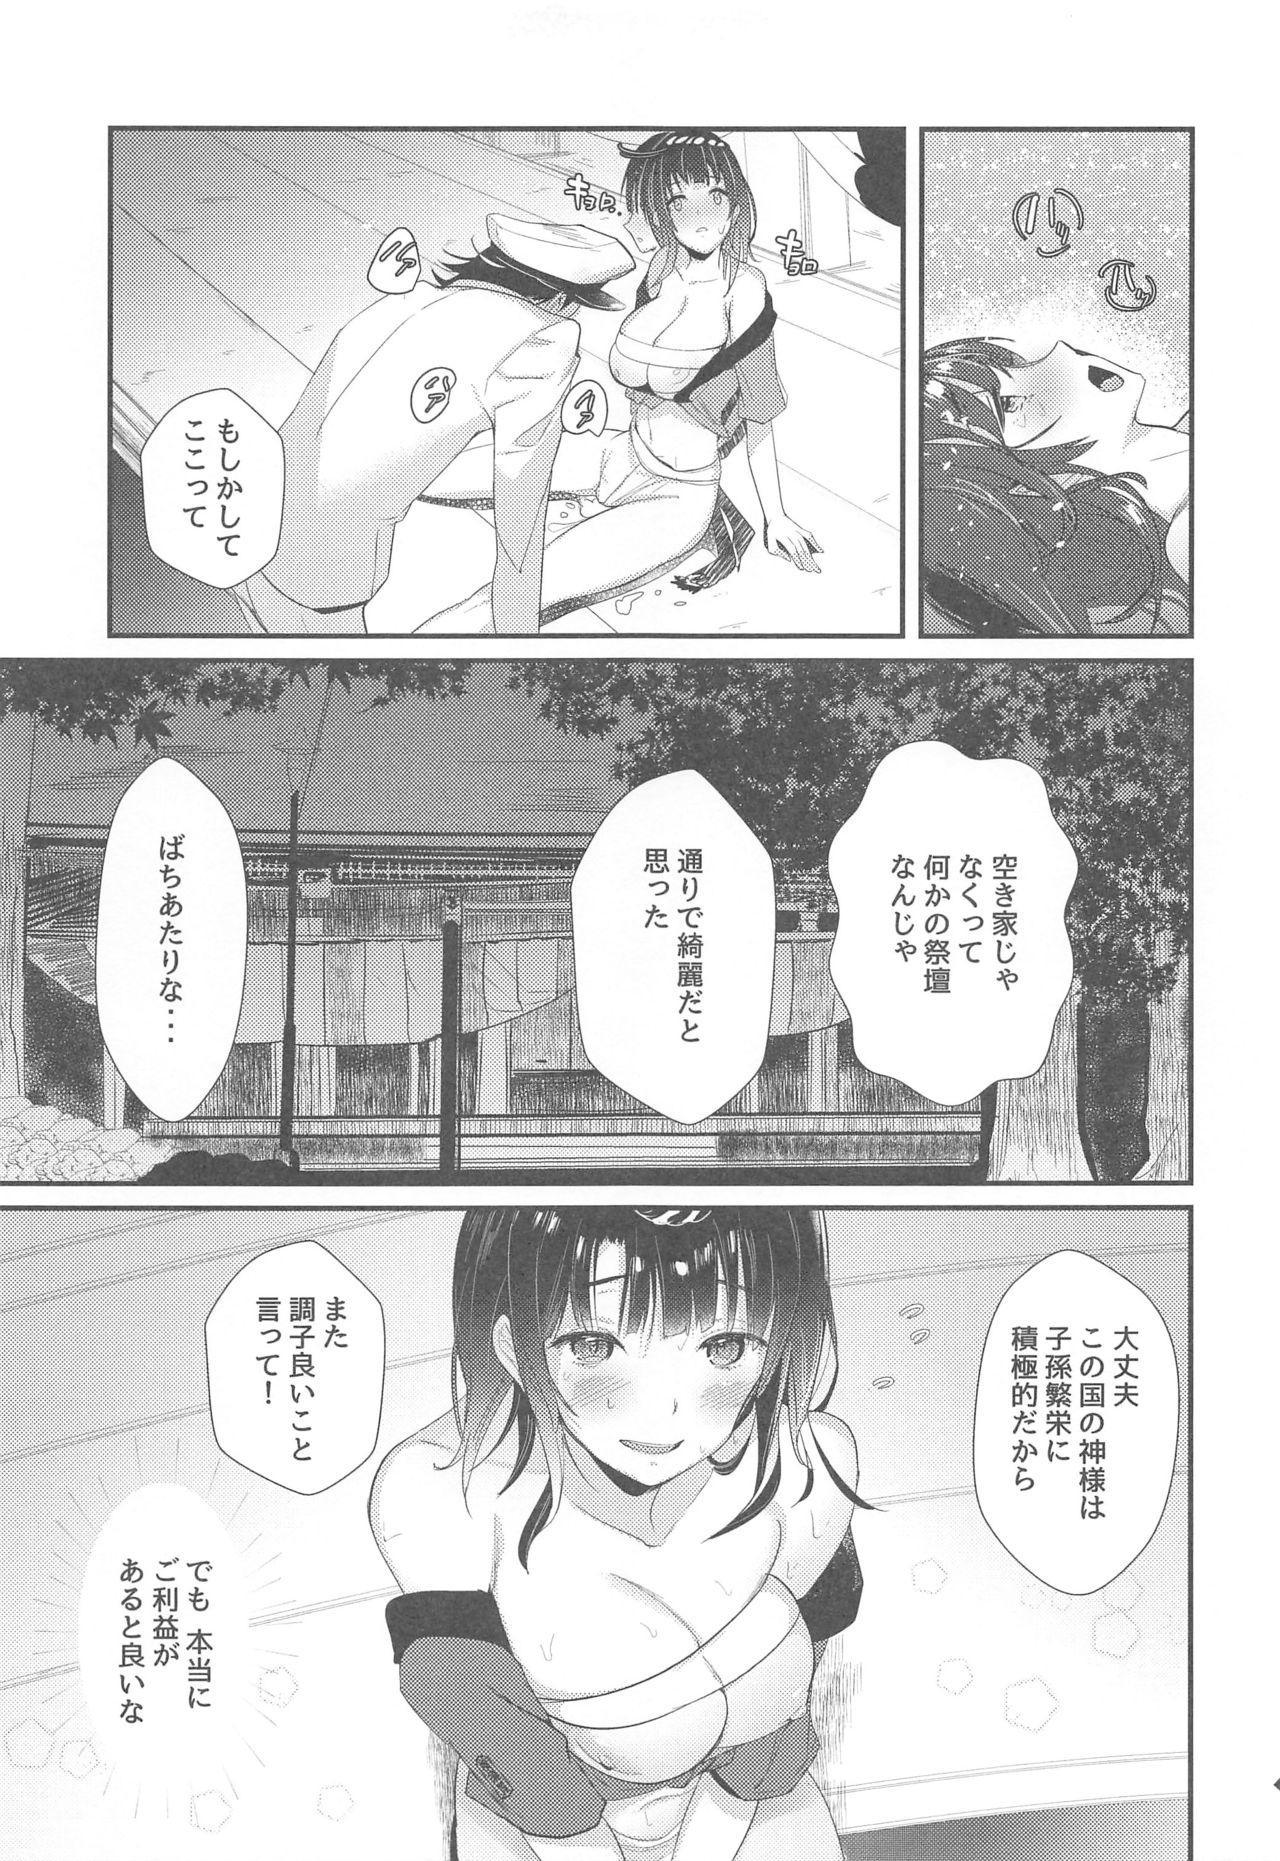 Mugen Houyou Takao - Takao meets Takao 15